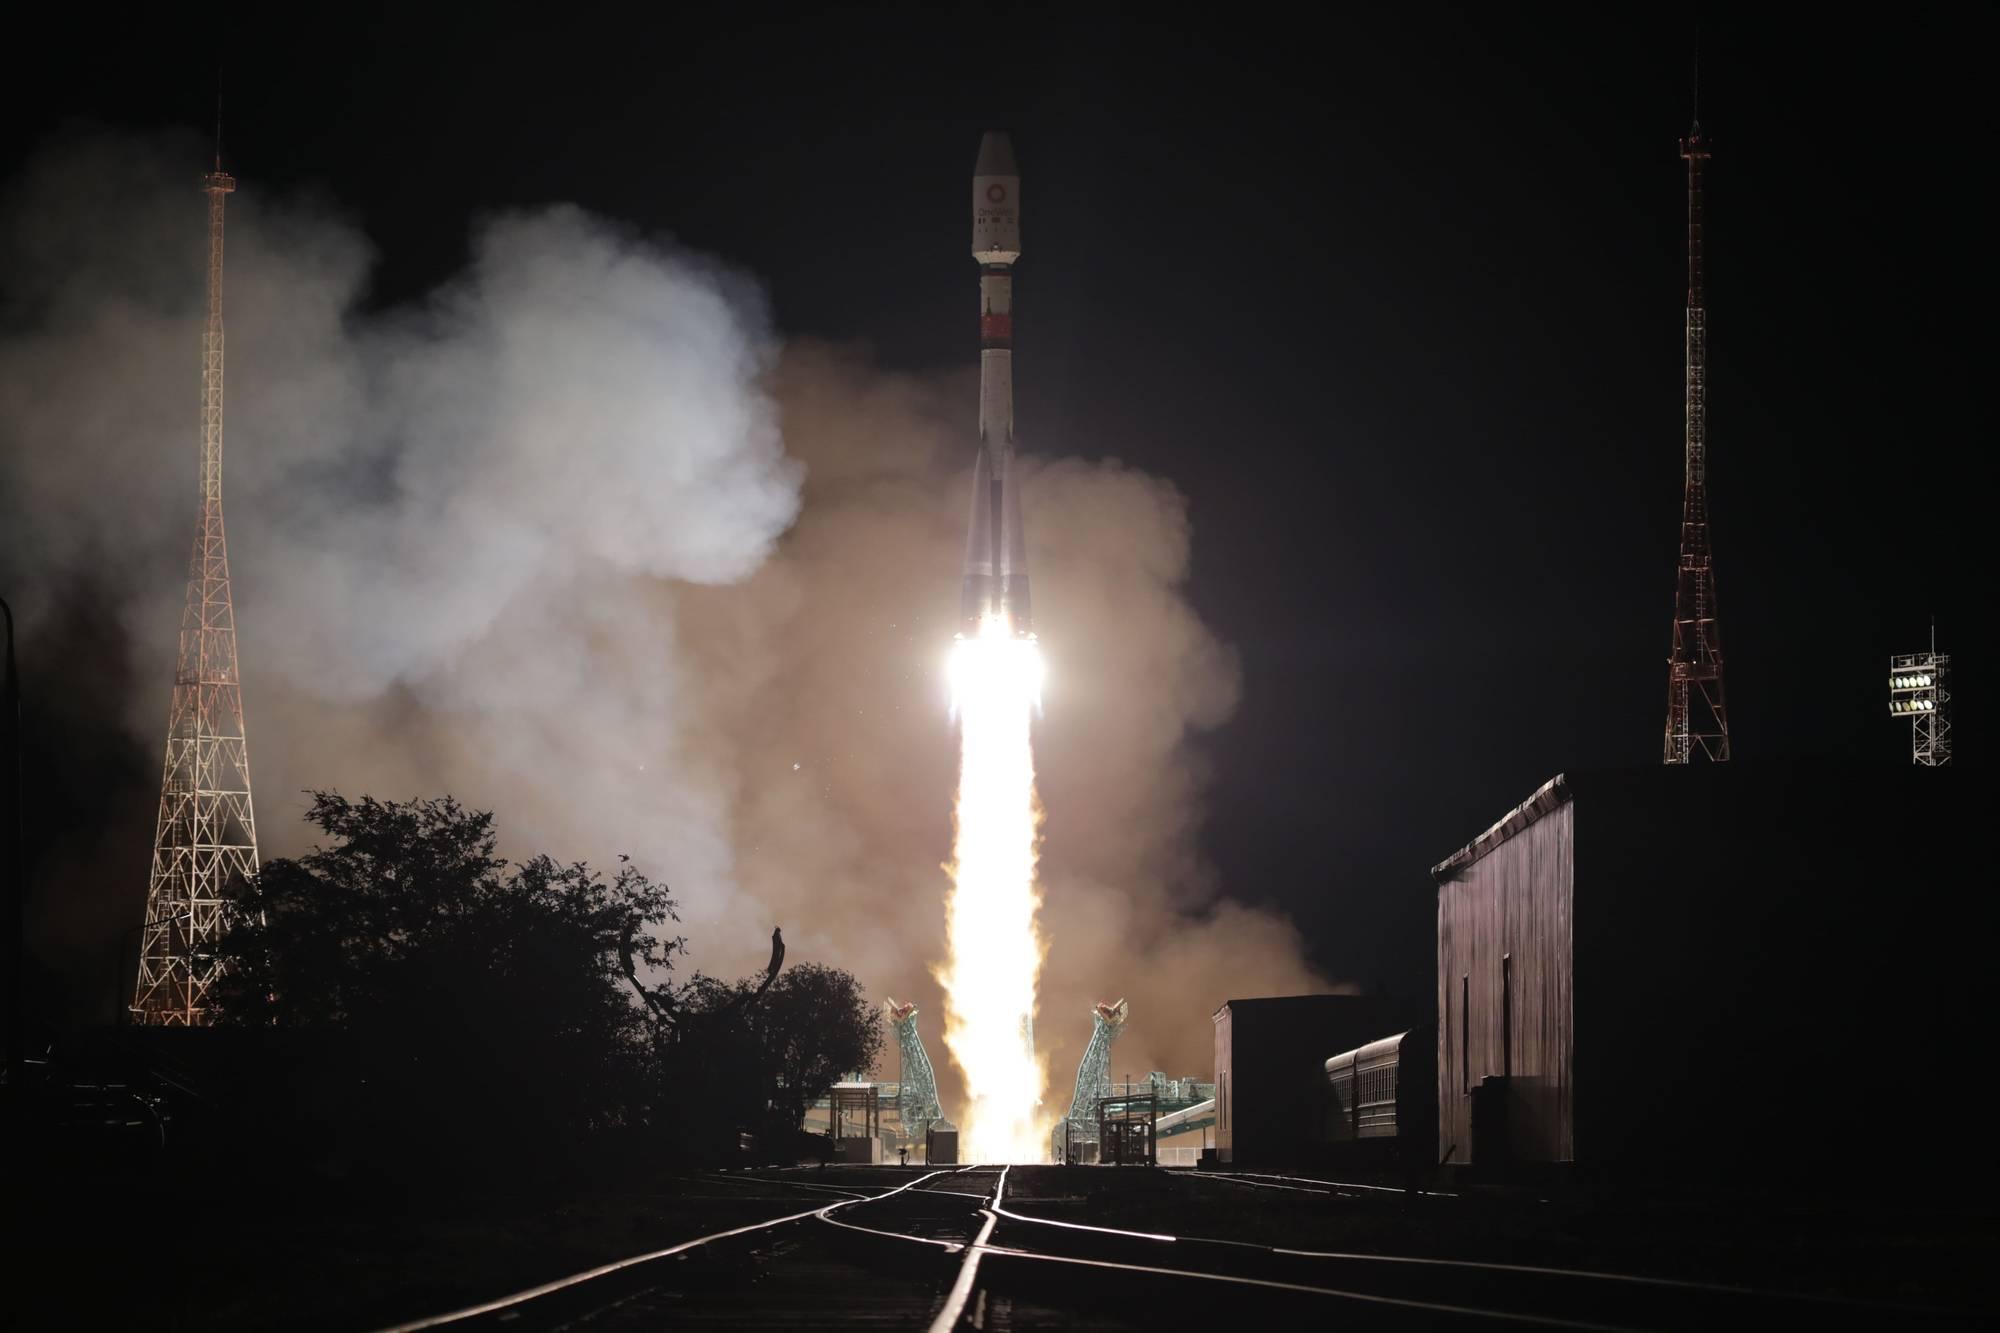 Le lanceur Soyouz 2.1b s'éleve dans le ciel de Baïkonour.